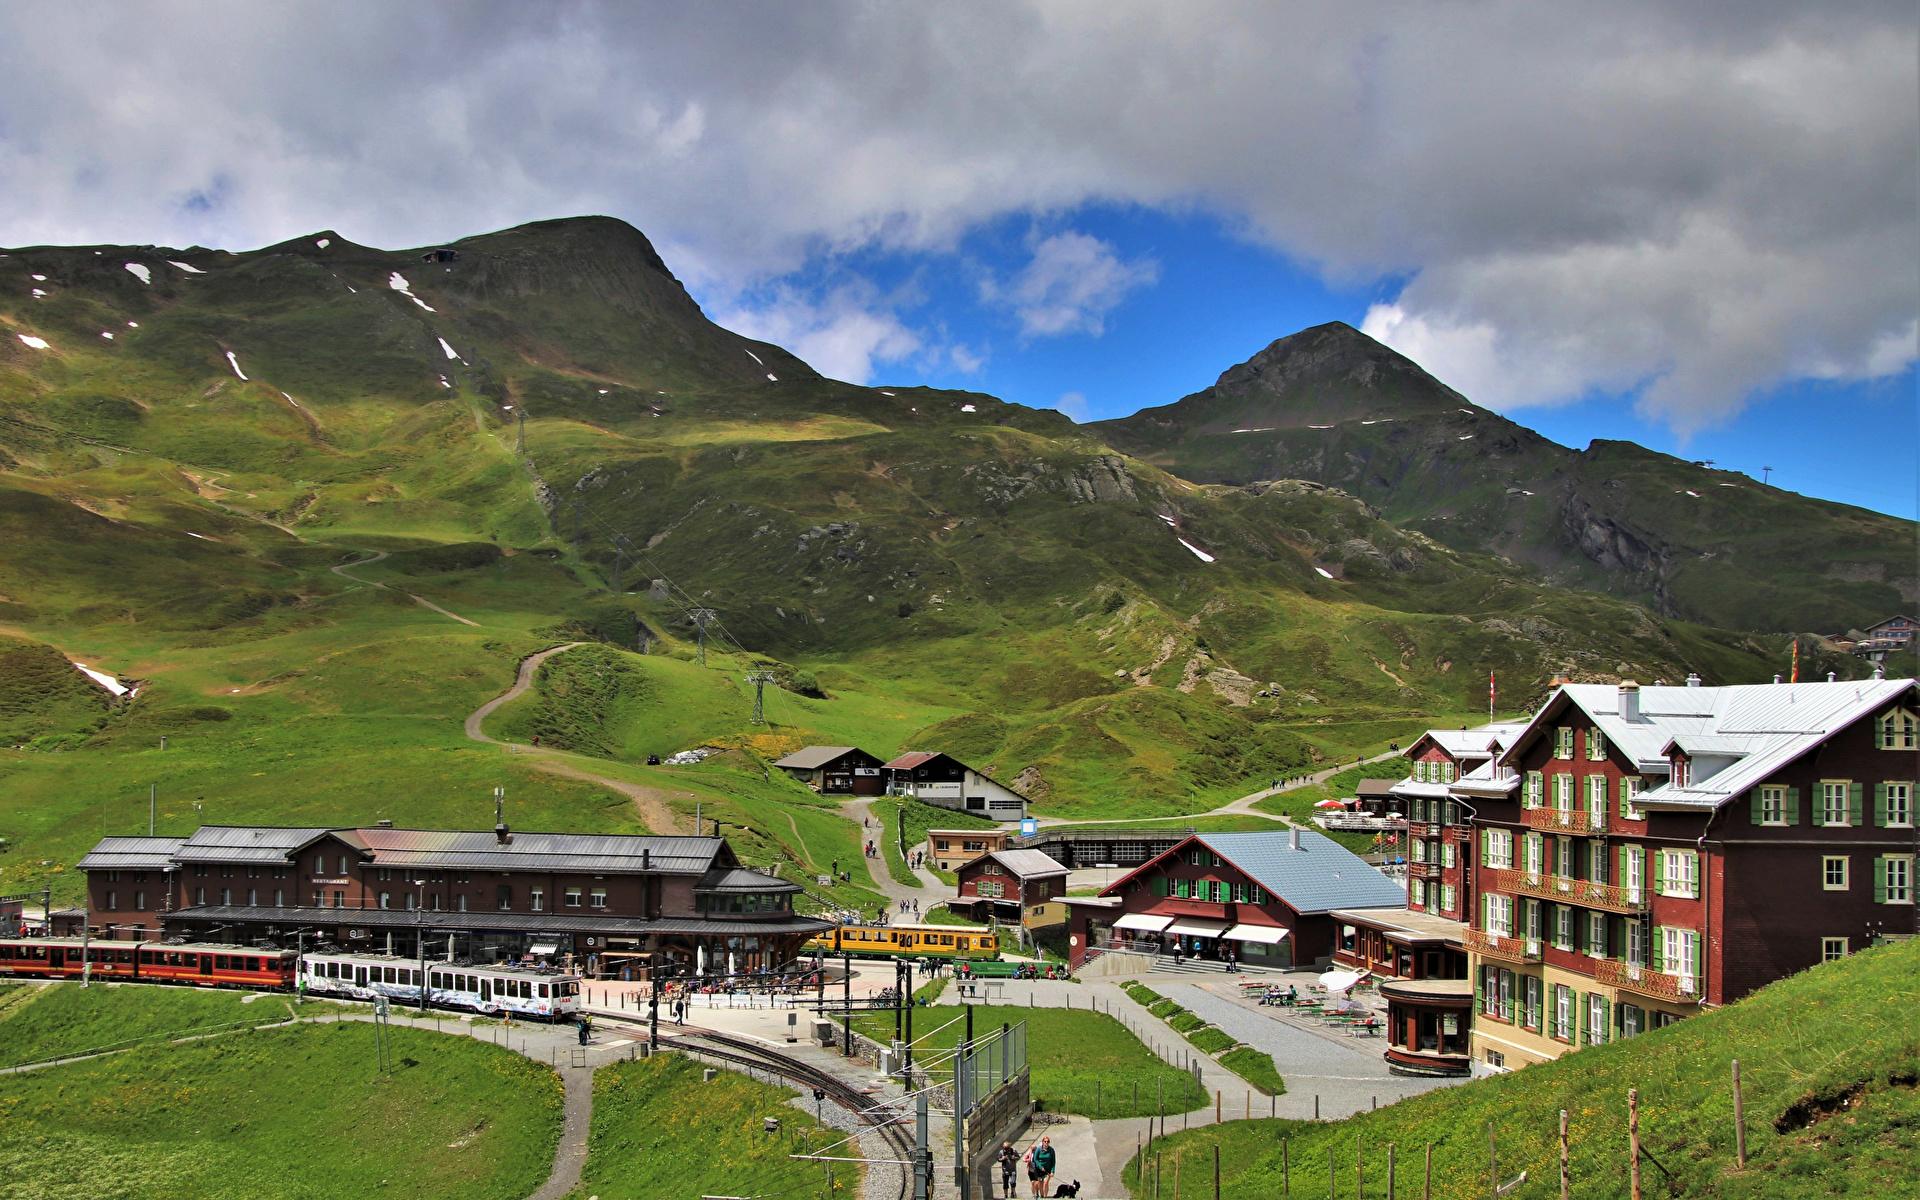 Bilder von Alpen Schweiz Jungfrau Berg Natur Züge Eisenbahn 1920x1200 Gebirge